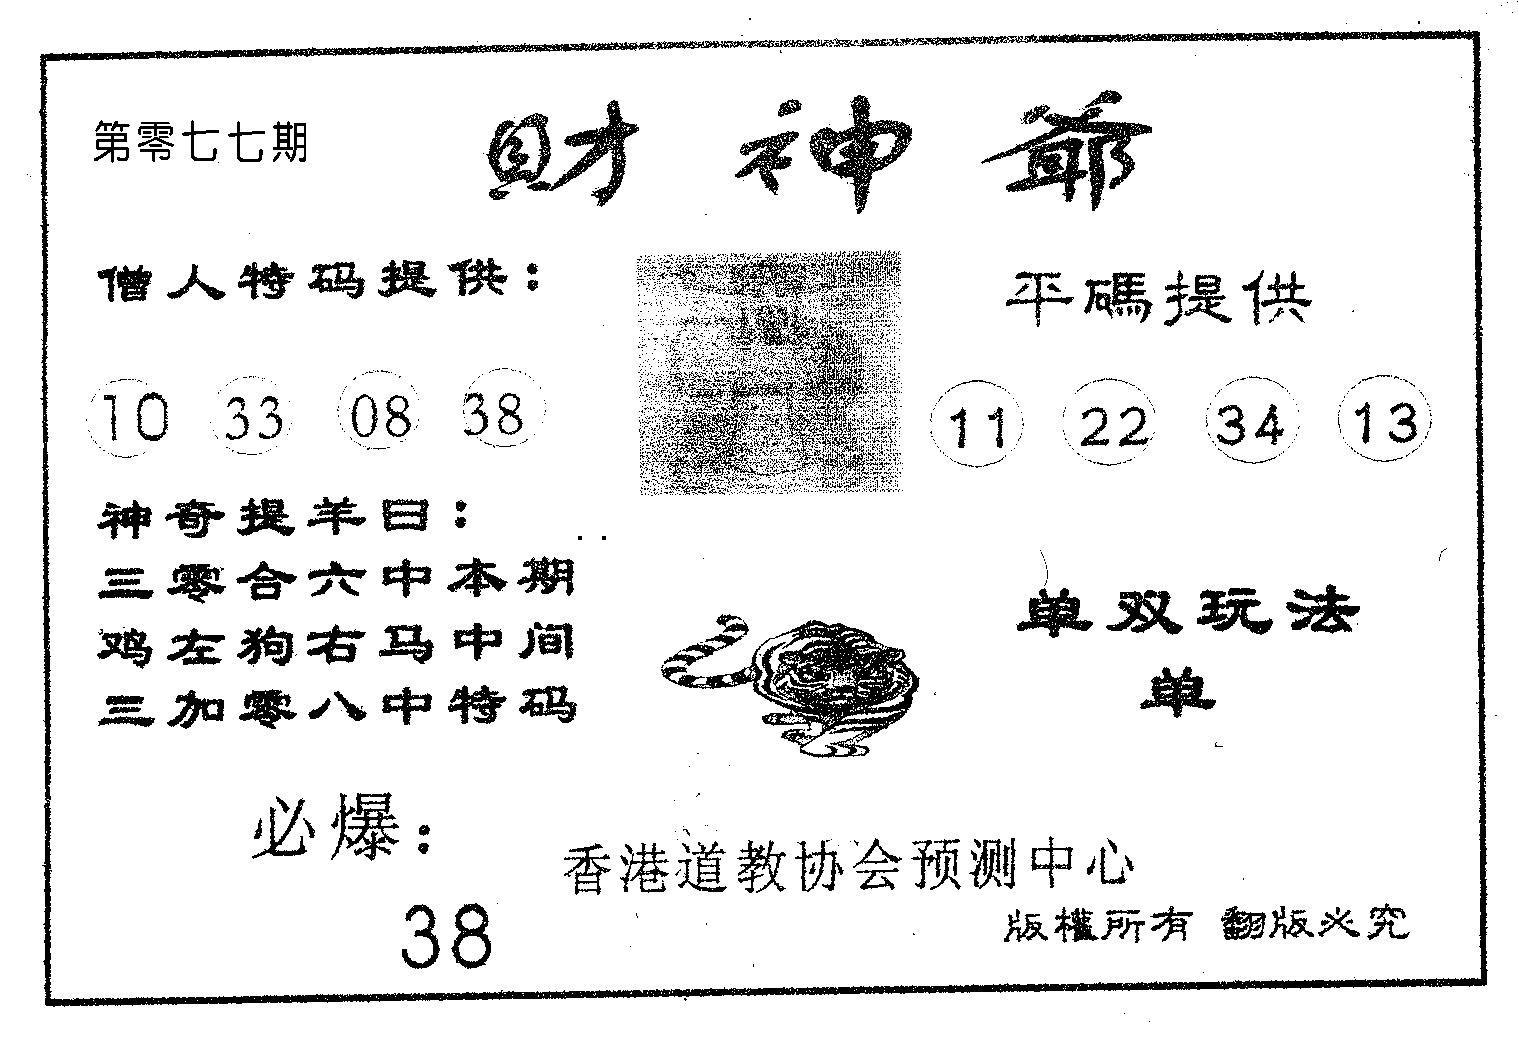 077期财神爷(黑白)